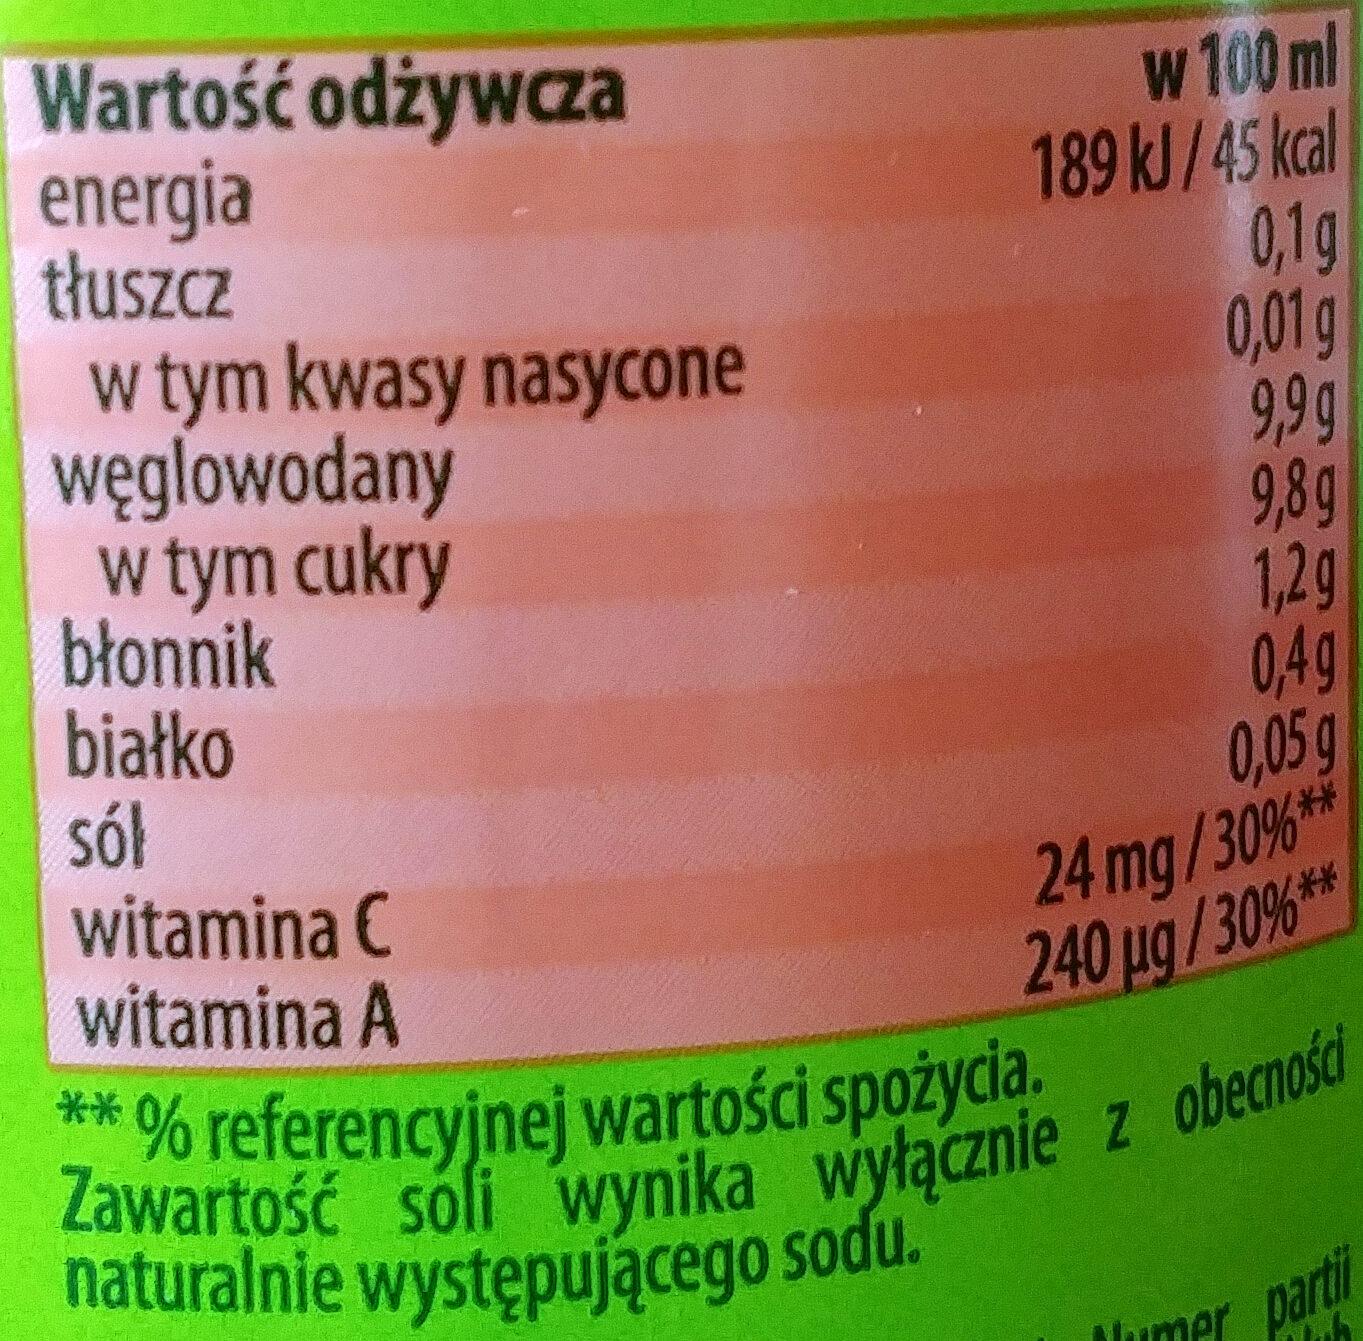 Теди морковь, персик, яблоко. - Wartości odżywcze - pl